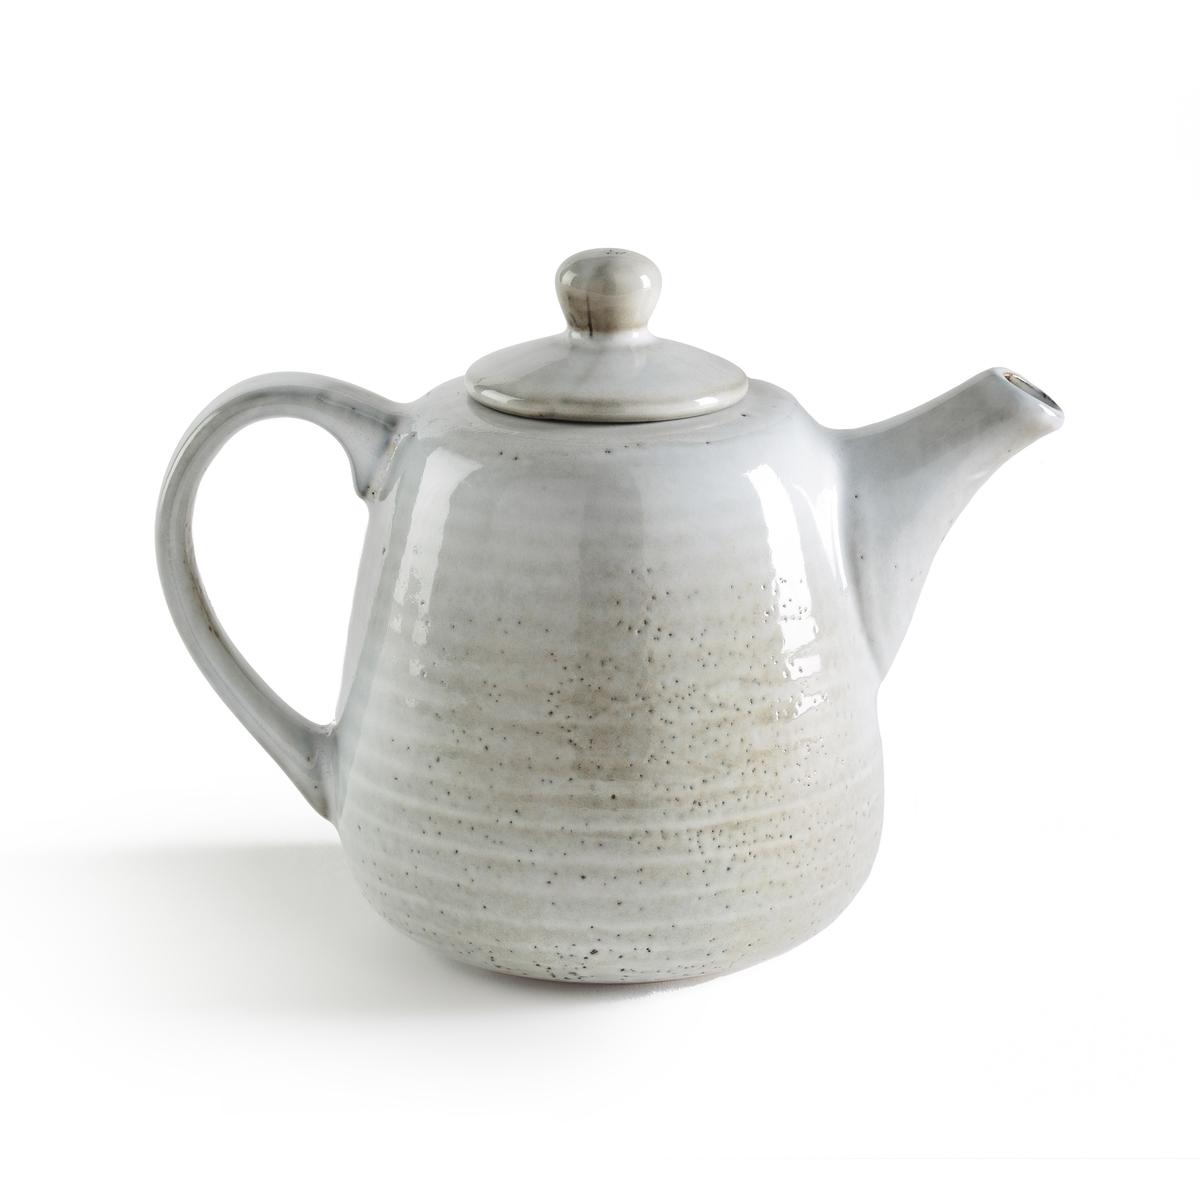 Чайник из керамики, AmedrasЧайник Amedras. Чайник с рисунком в северном стиле синего цвета ручной работы, возможны небольшие различия в оттенках. Характеристики:- Из керамики, покрытой глазурью. - Мелкие и десертные тарелки, миски и чашки того же комплекта представлены на нашем сайте.    Размеры: - Ш18,5 x В11,5 x Г11 см.<br><br>Цвет: серо-синий